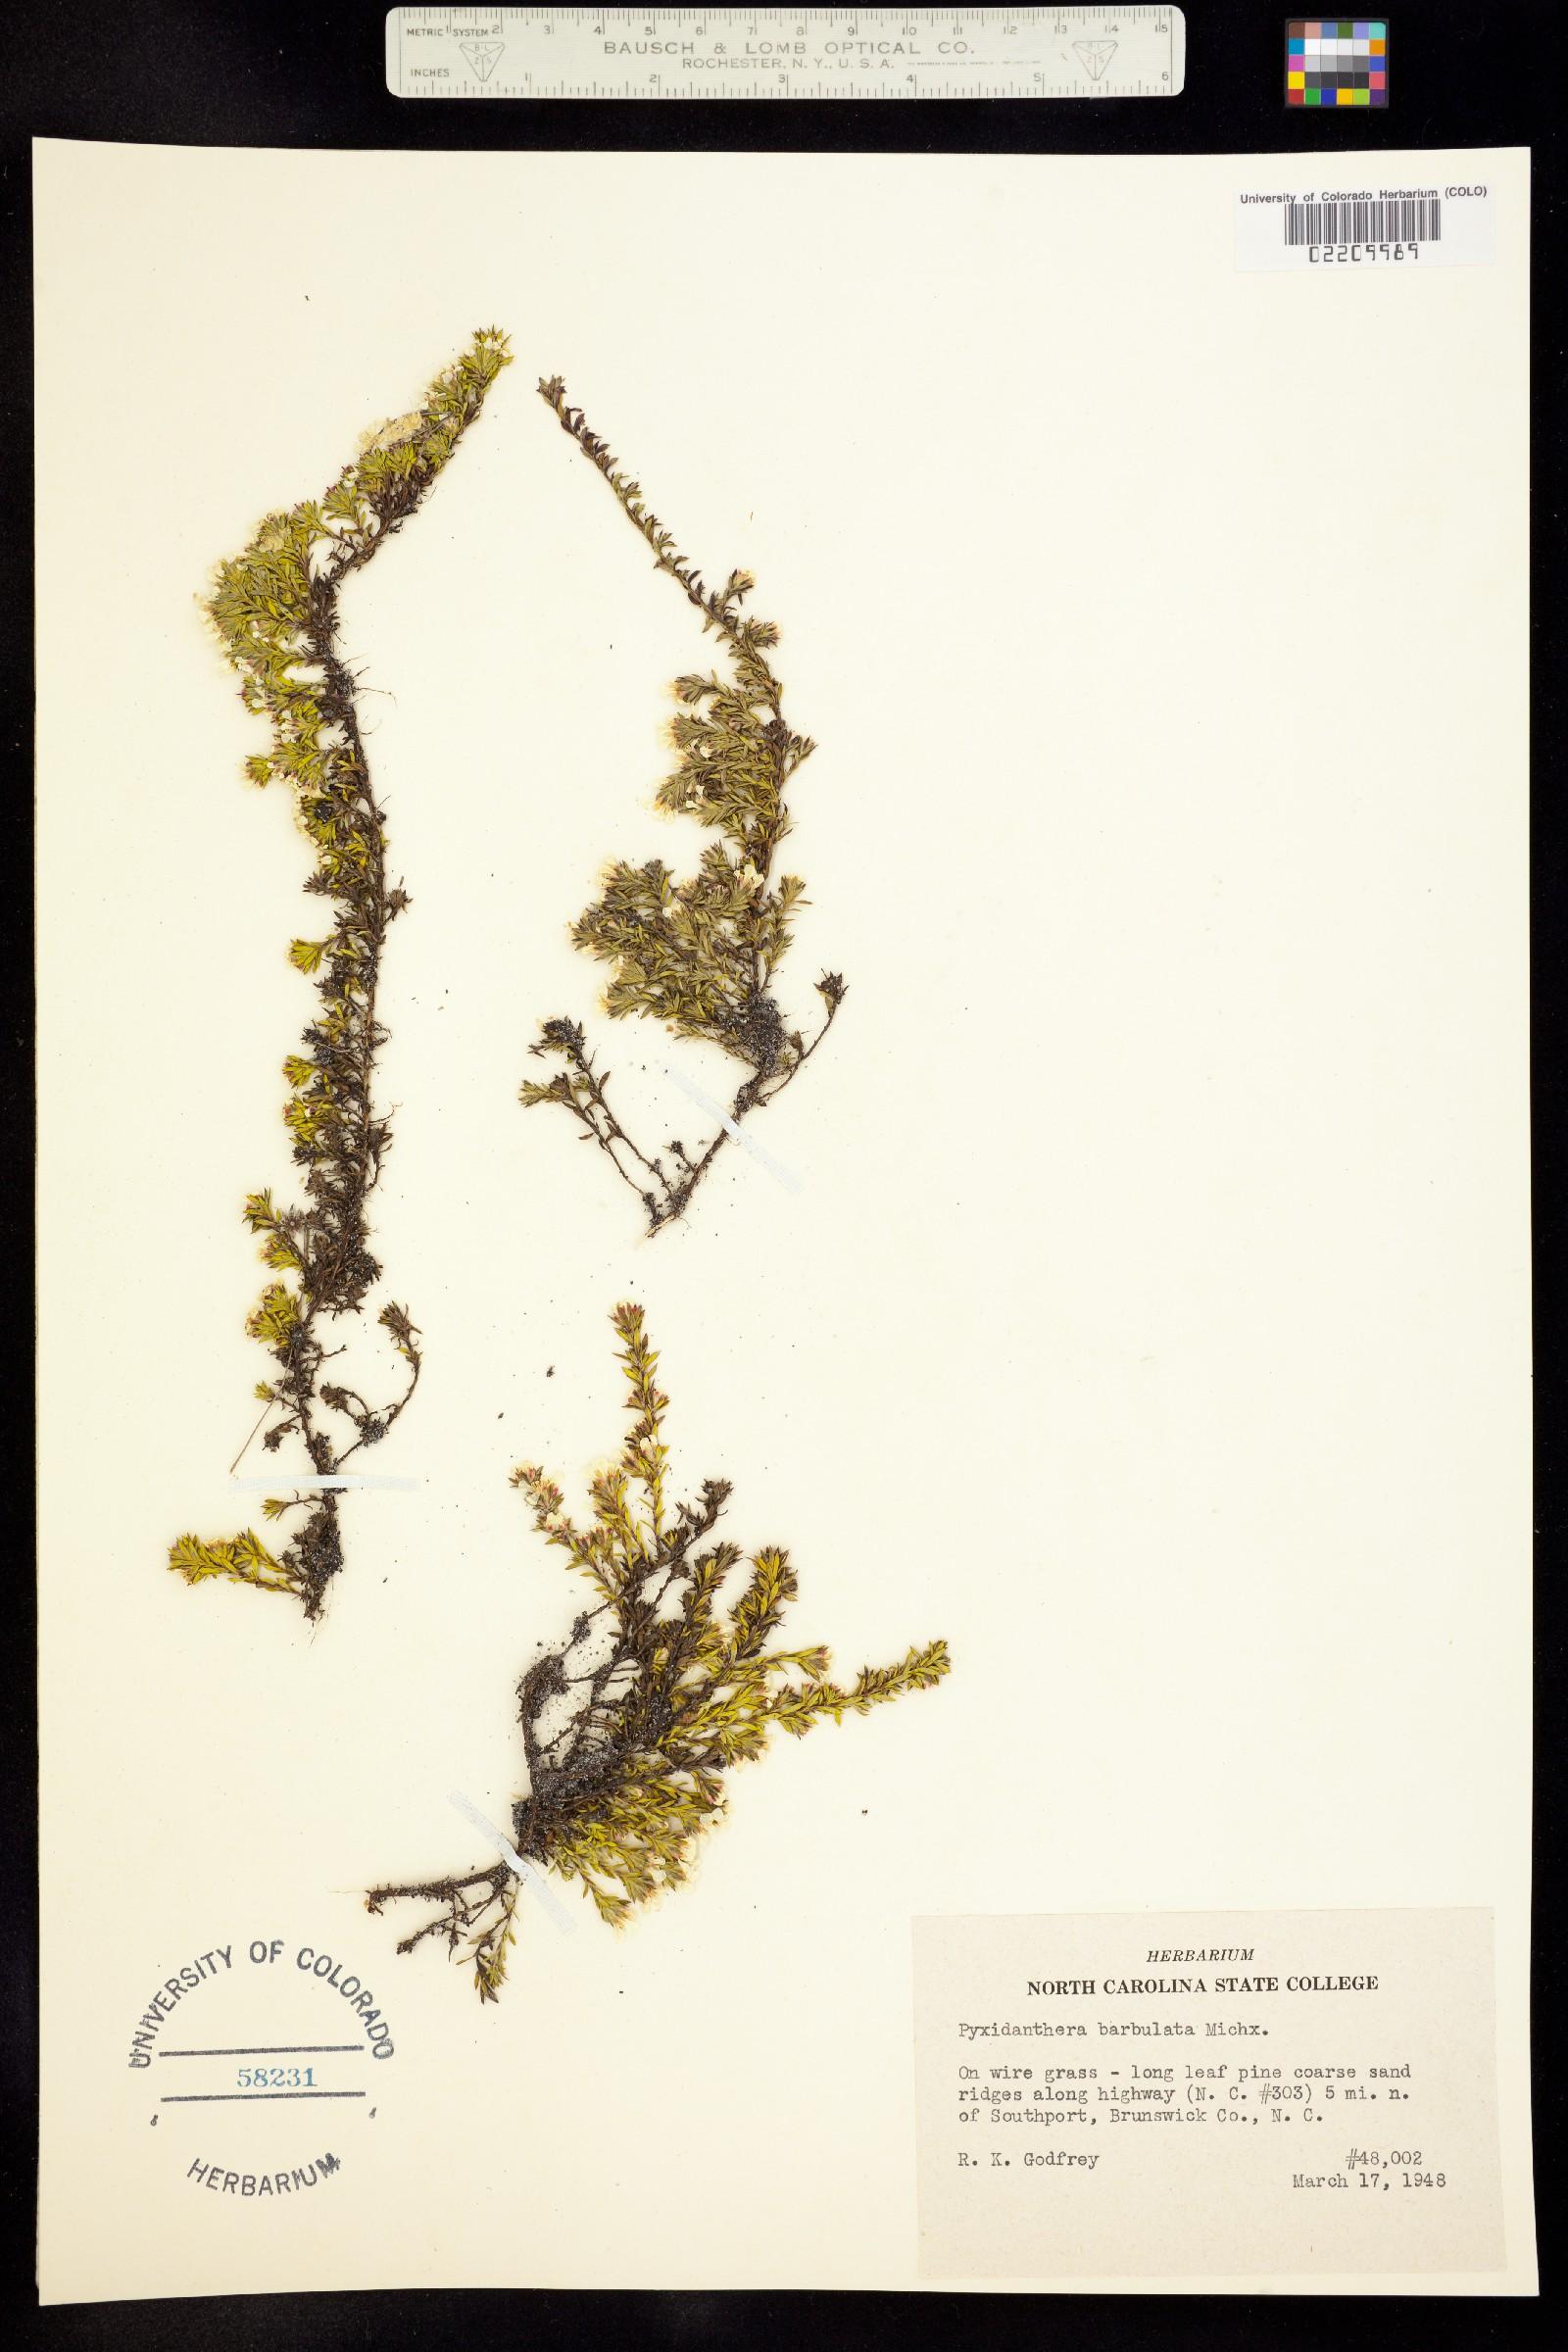 Pyxidanthera barbulata image